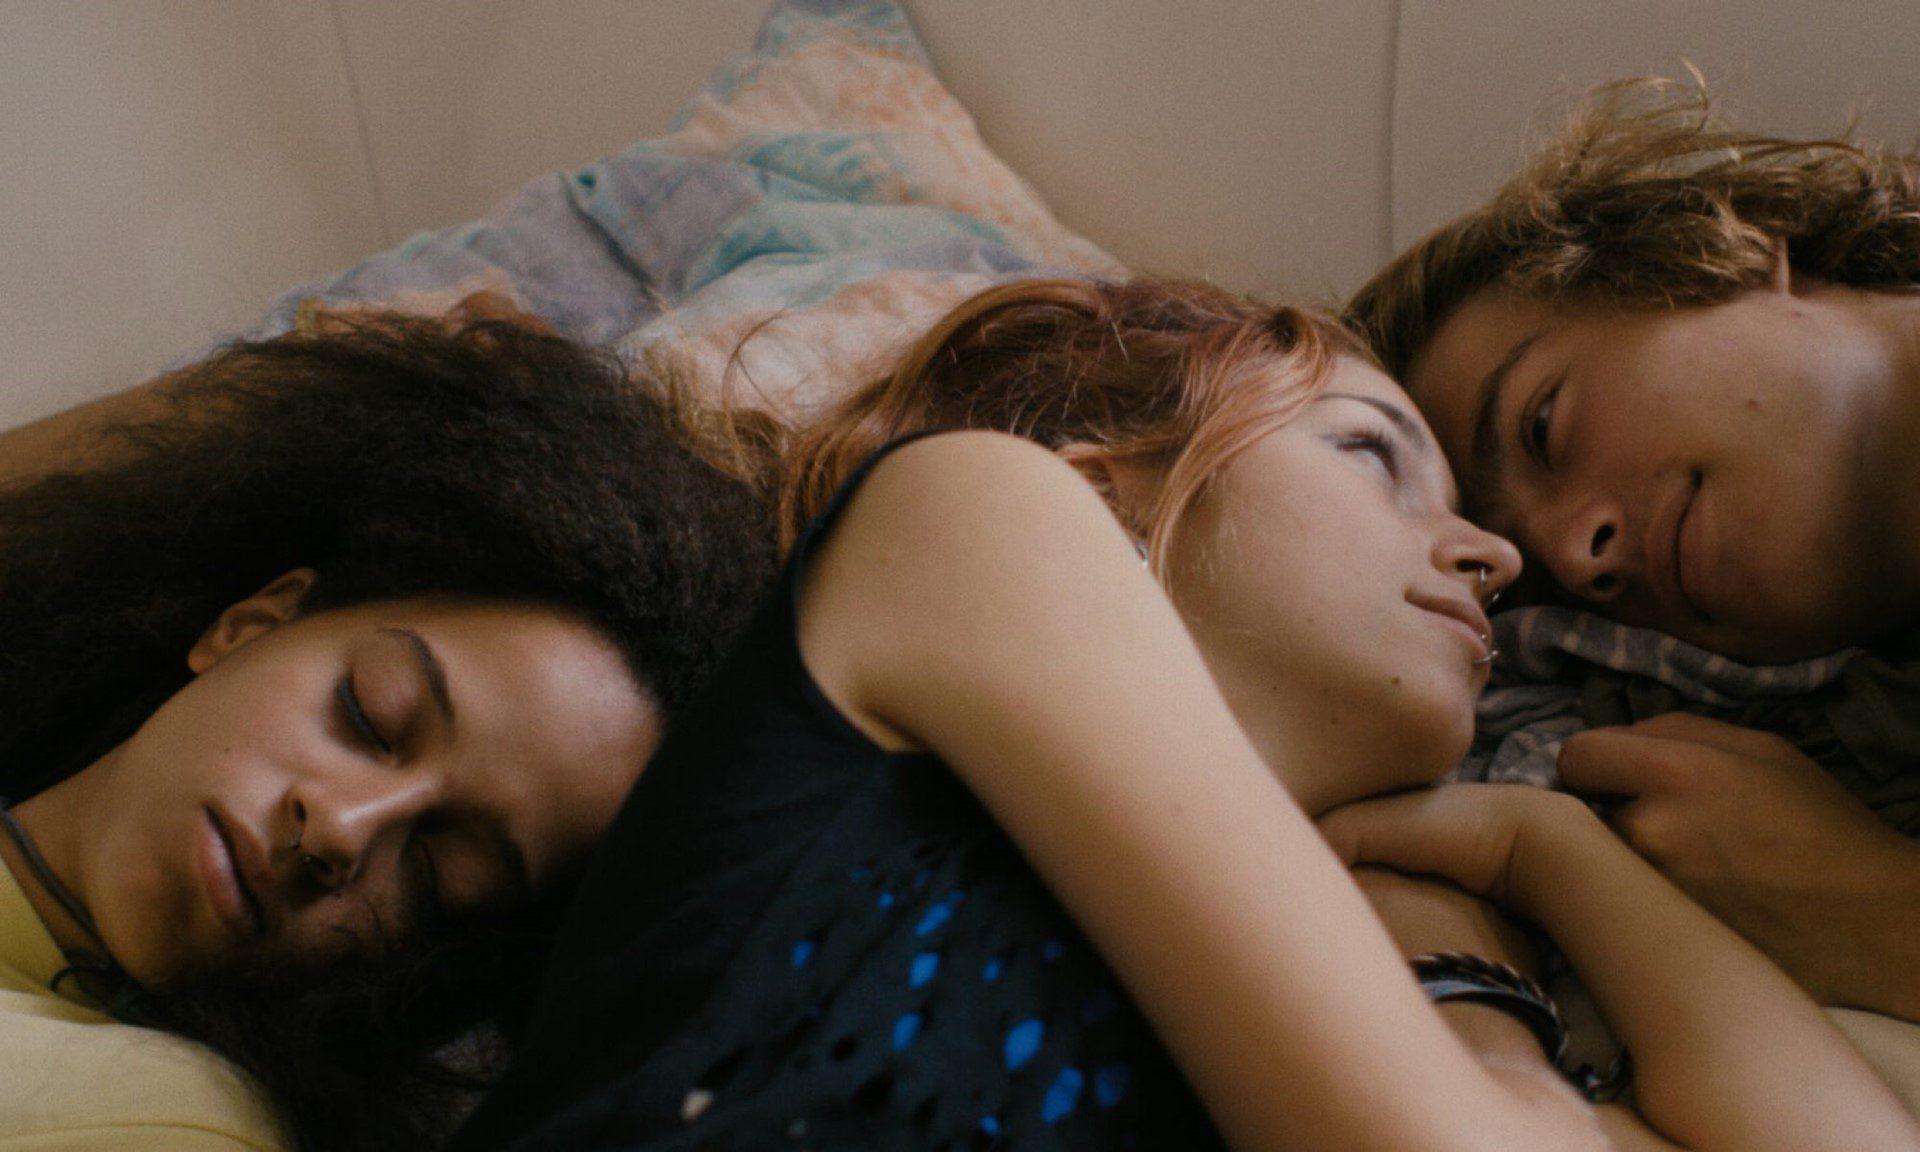 Lovecut, cine sobre la adolescencia de corte realista.